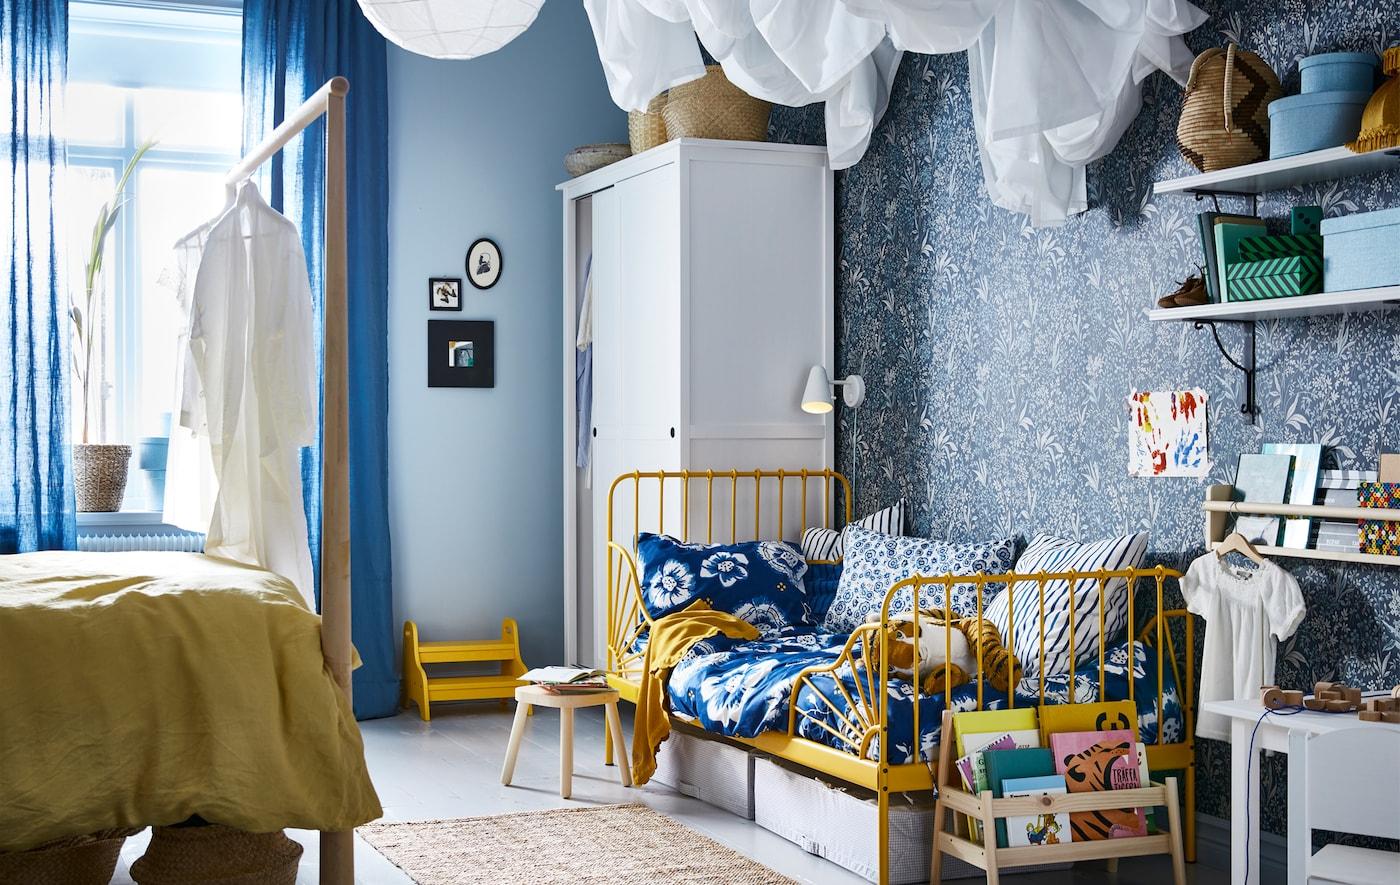 Una camera da letto dai toni blu e gialli, con un letto matrimoniale e un letto per bambini - IKEA